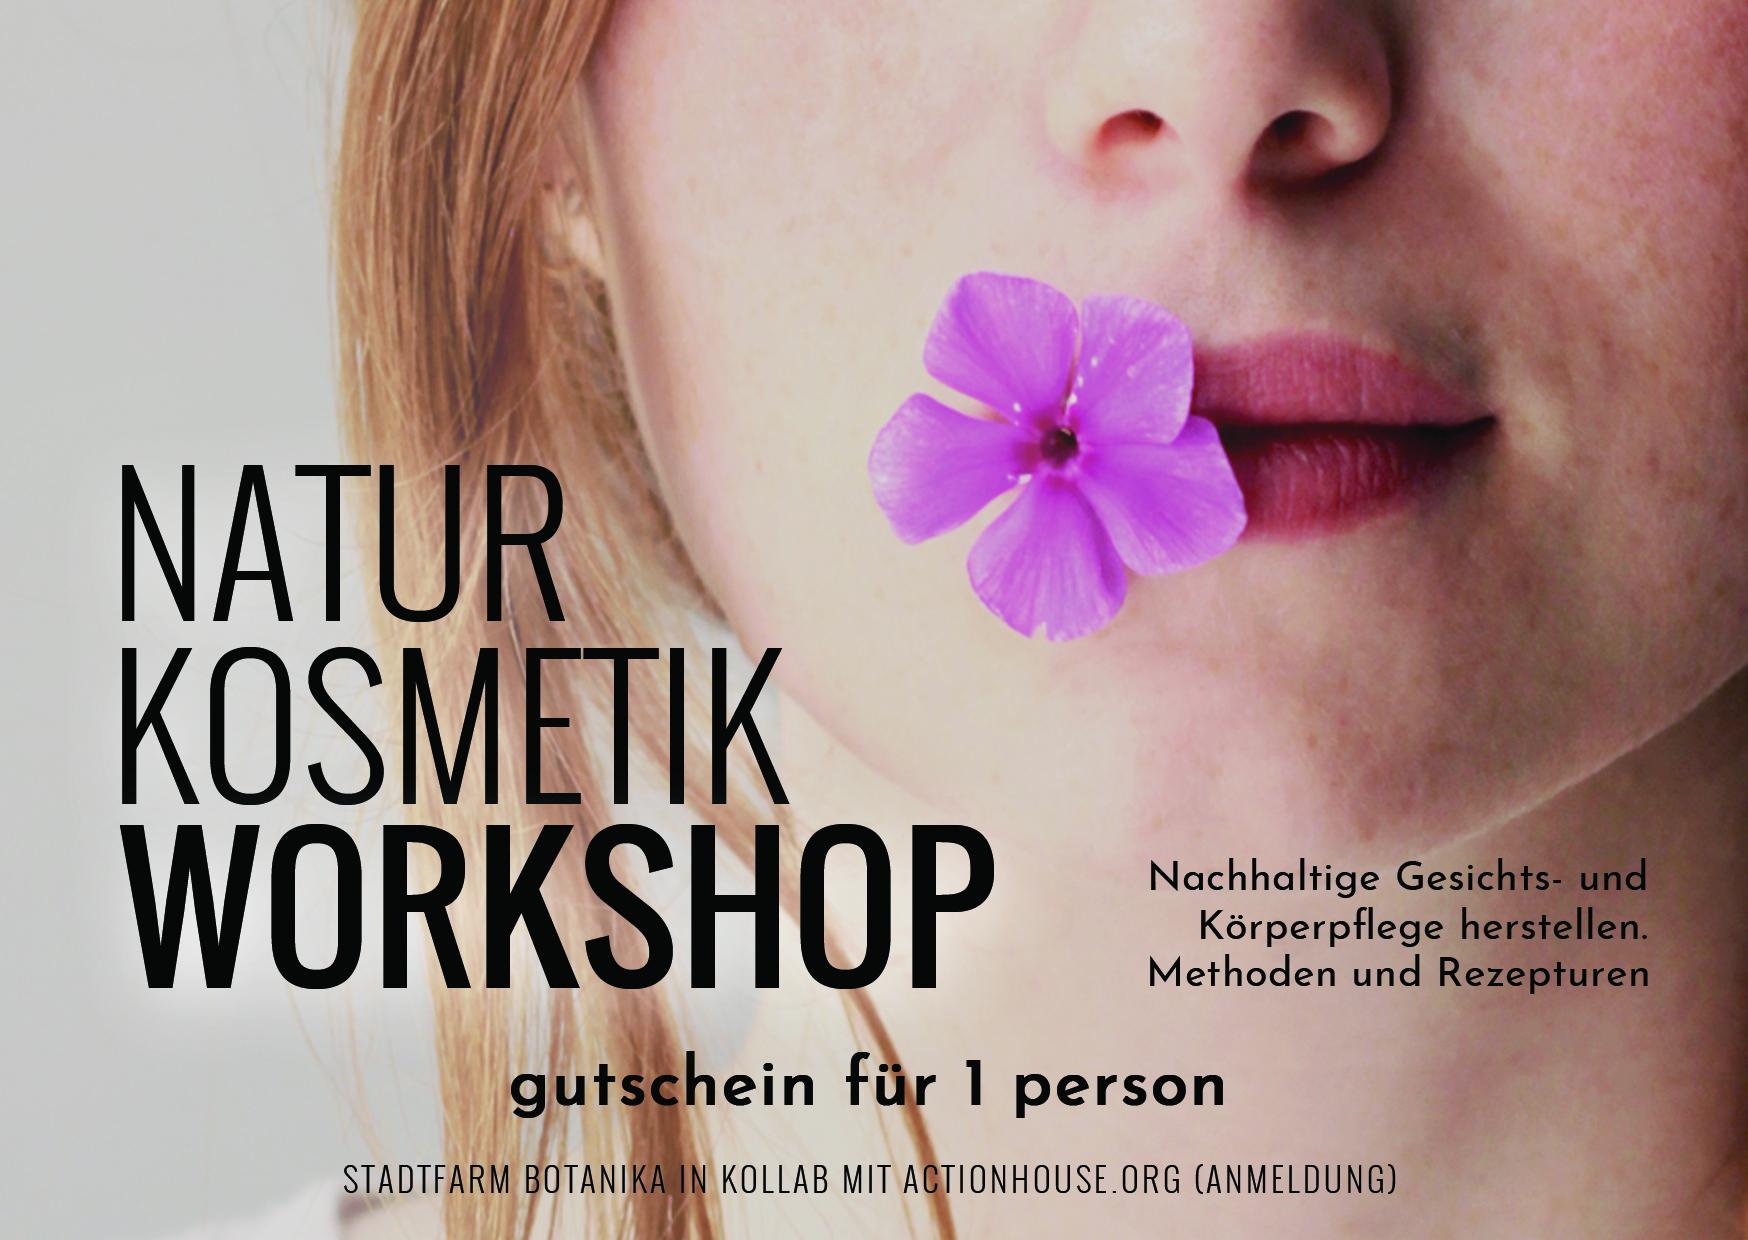 9cf4f20840 GUTSCHEIN Workshop Naturkosmetik — actionhouse